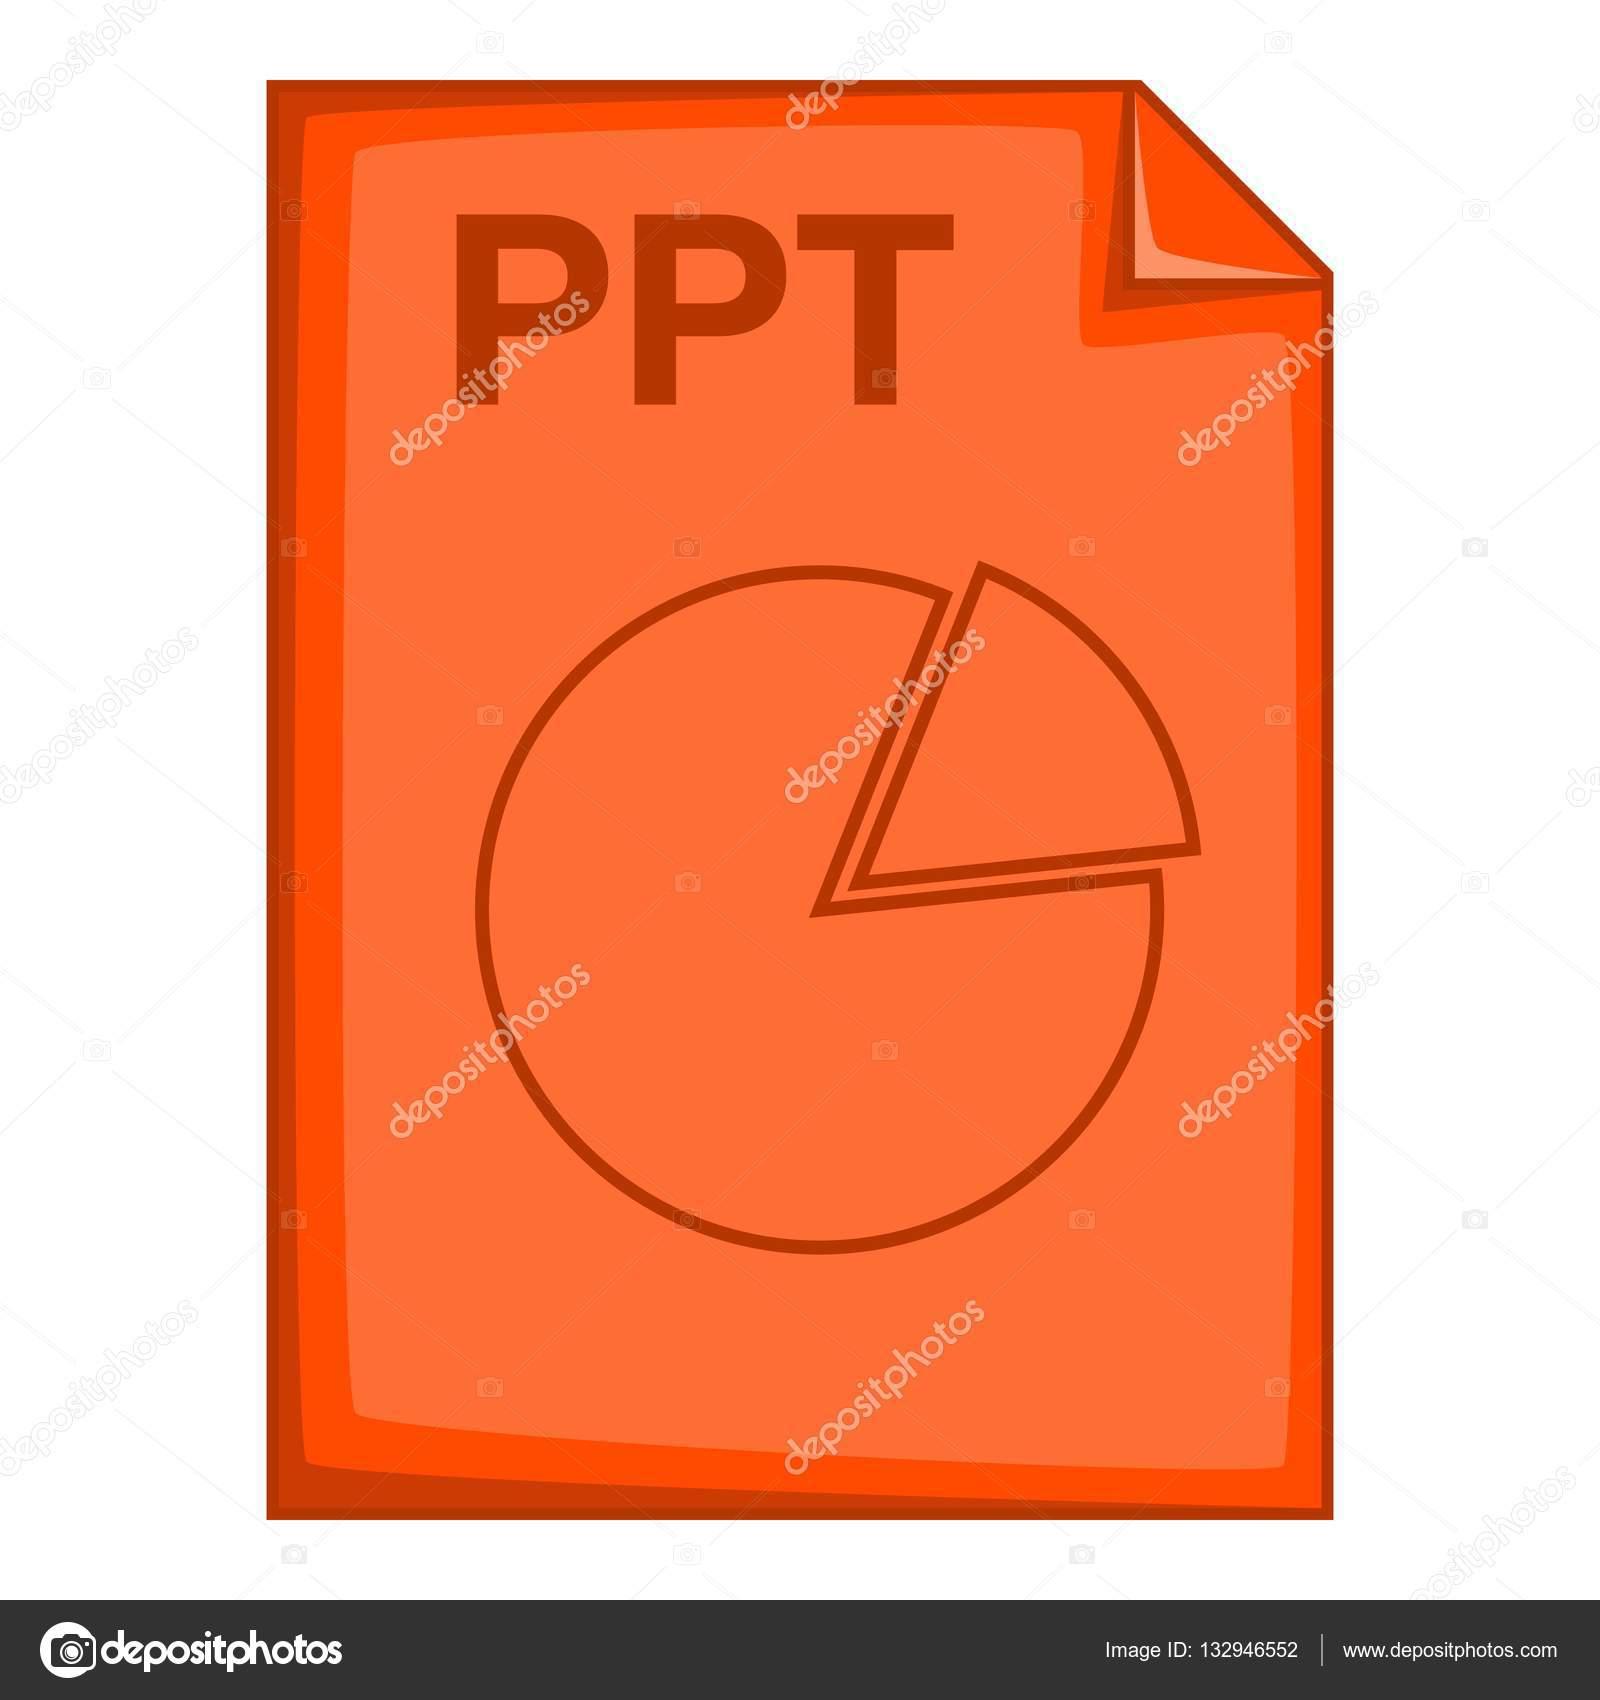 Iconos Powerpoint 2016 Icono De Archivo Ppt Estilo De